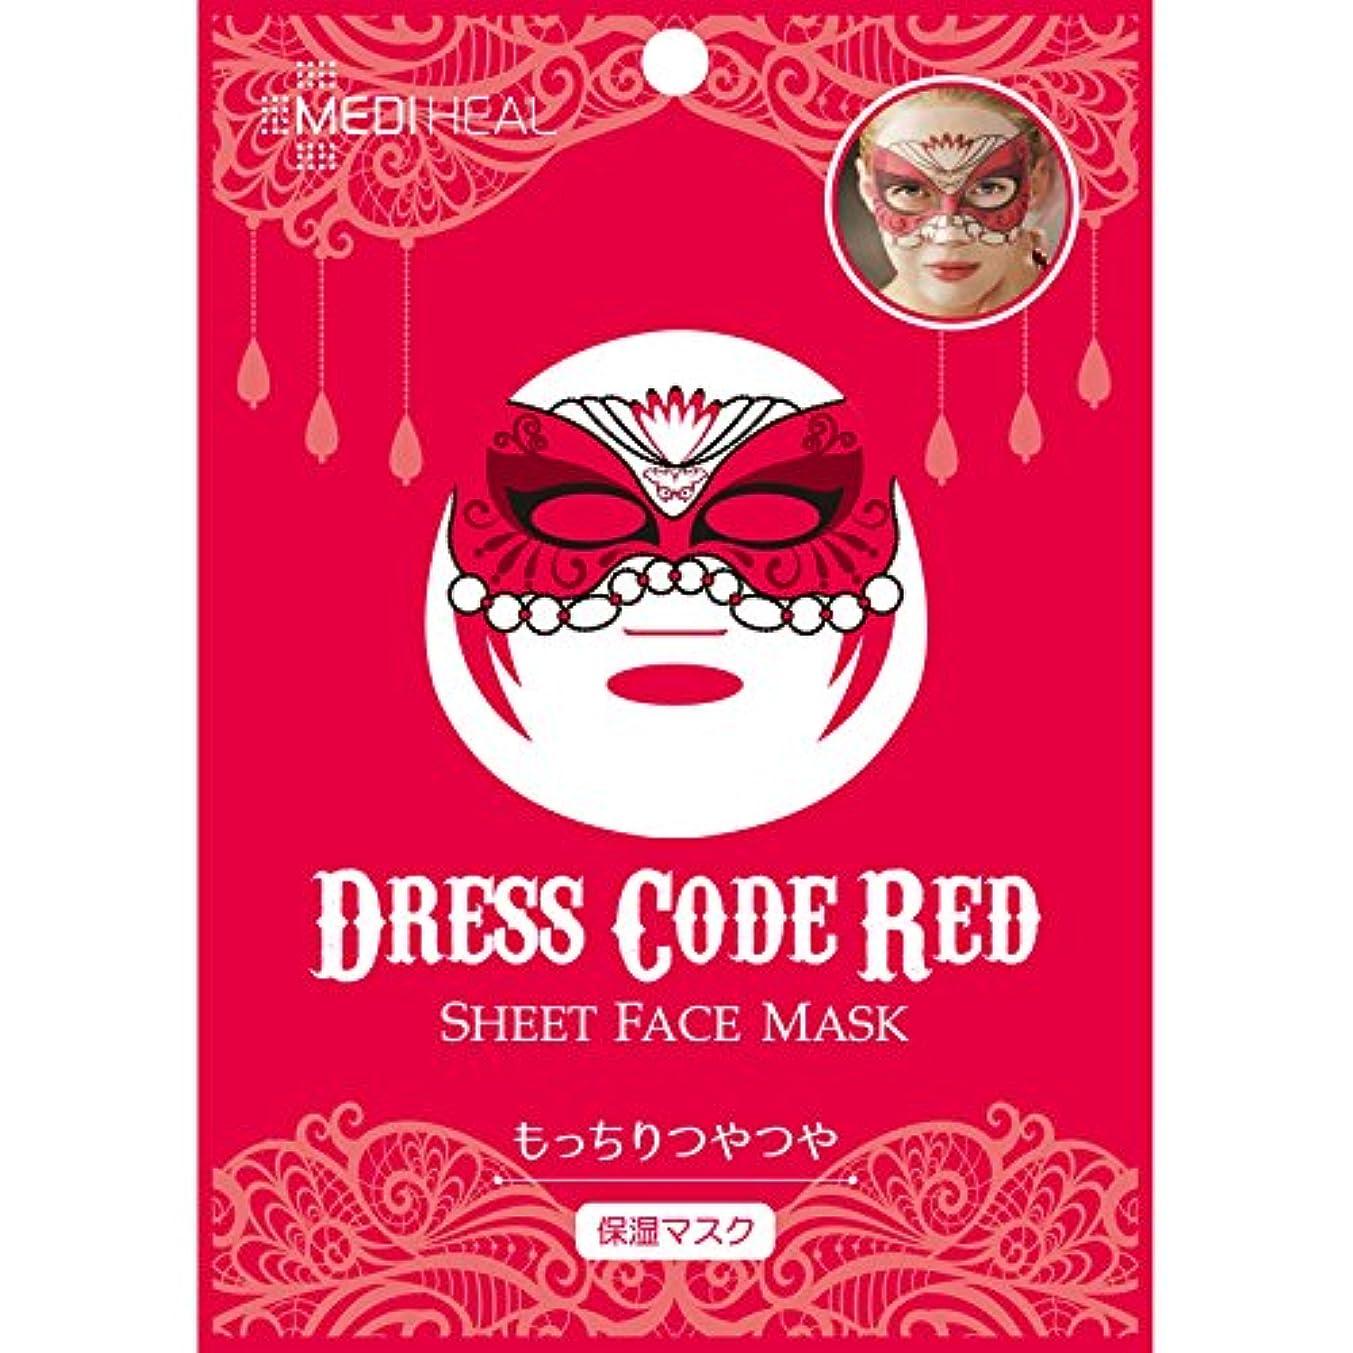 公平な召喚する周術期メディヒル フェイスマスク ドレスコードレッド (27ML/1シート)